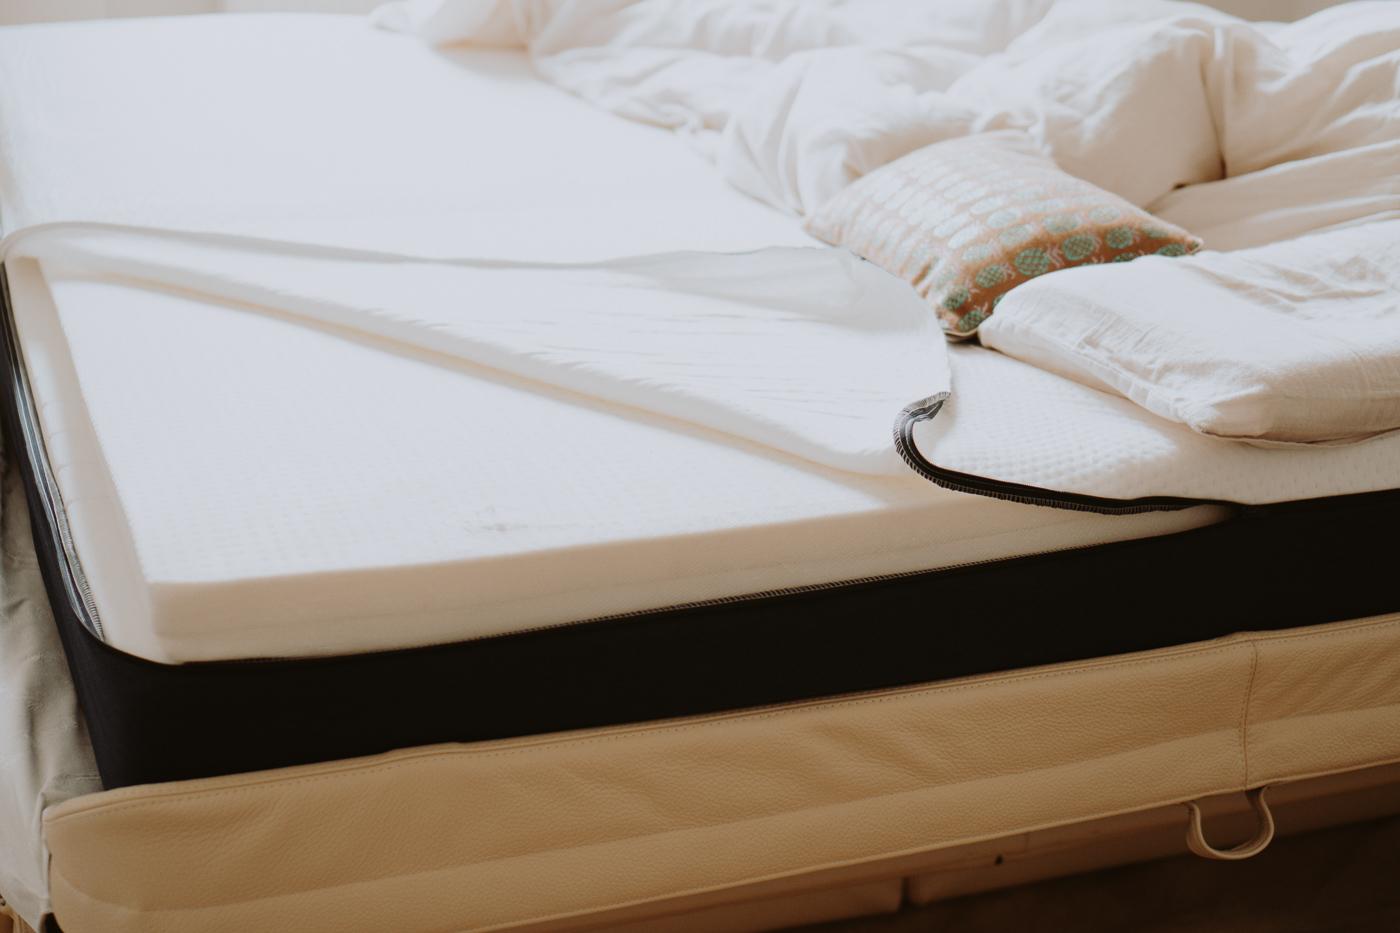 Schlafen ist schön. Matt Sleeps - Eine Matratze für jeden Schlaftyp, Matratze geöffnet